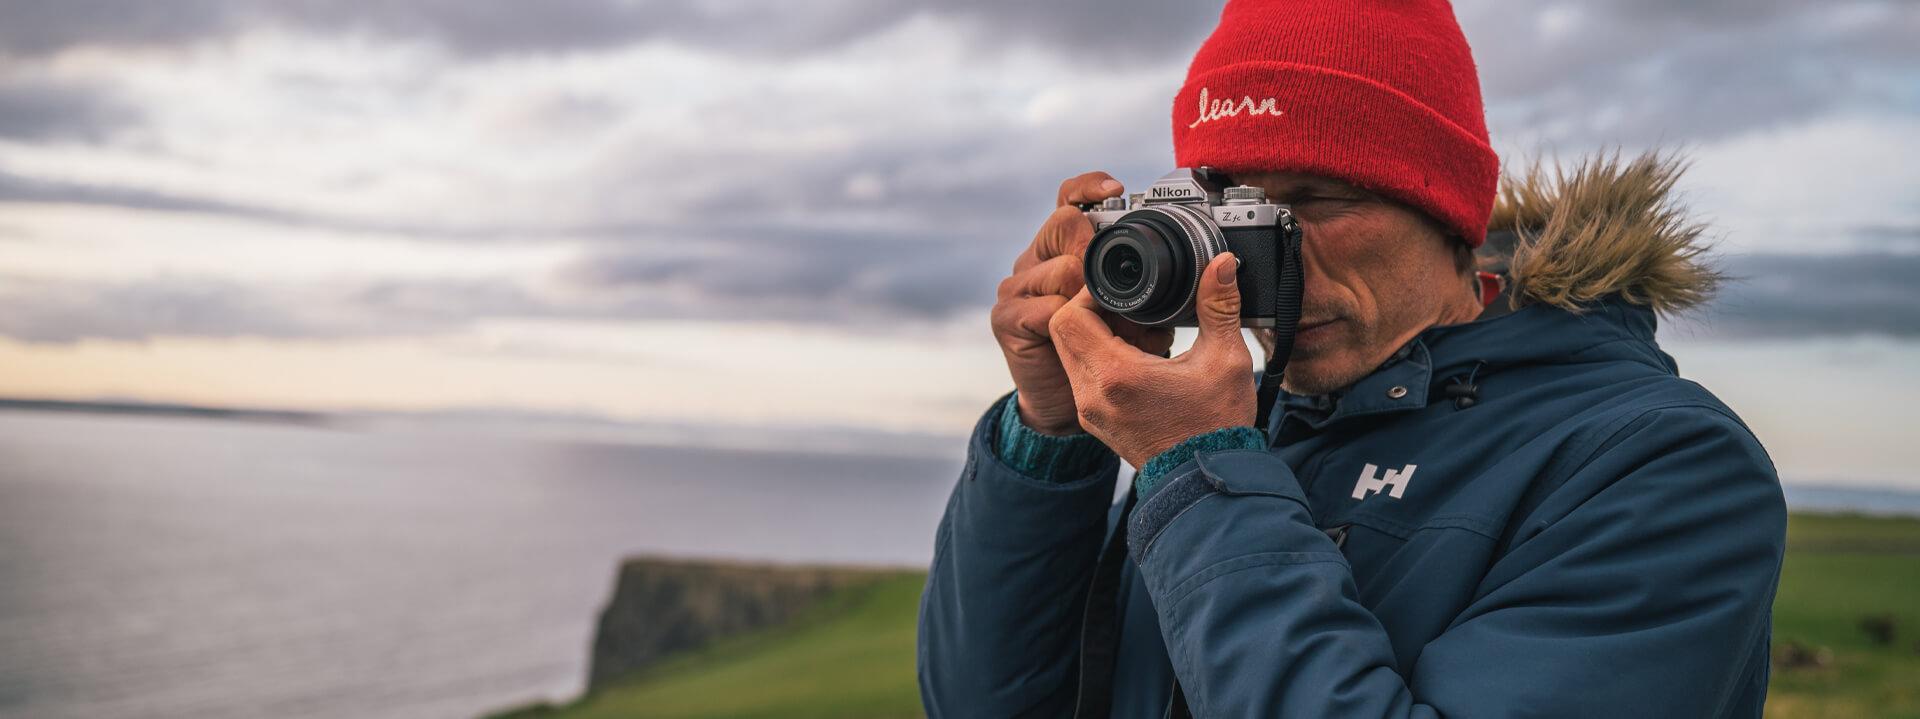 Známý fotograf George Karbus si velice oblíbil bezzrcadlovku Nikon Z fc!